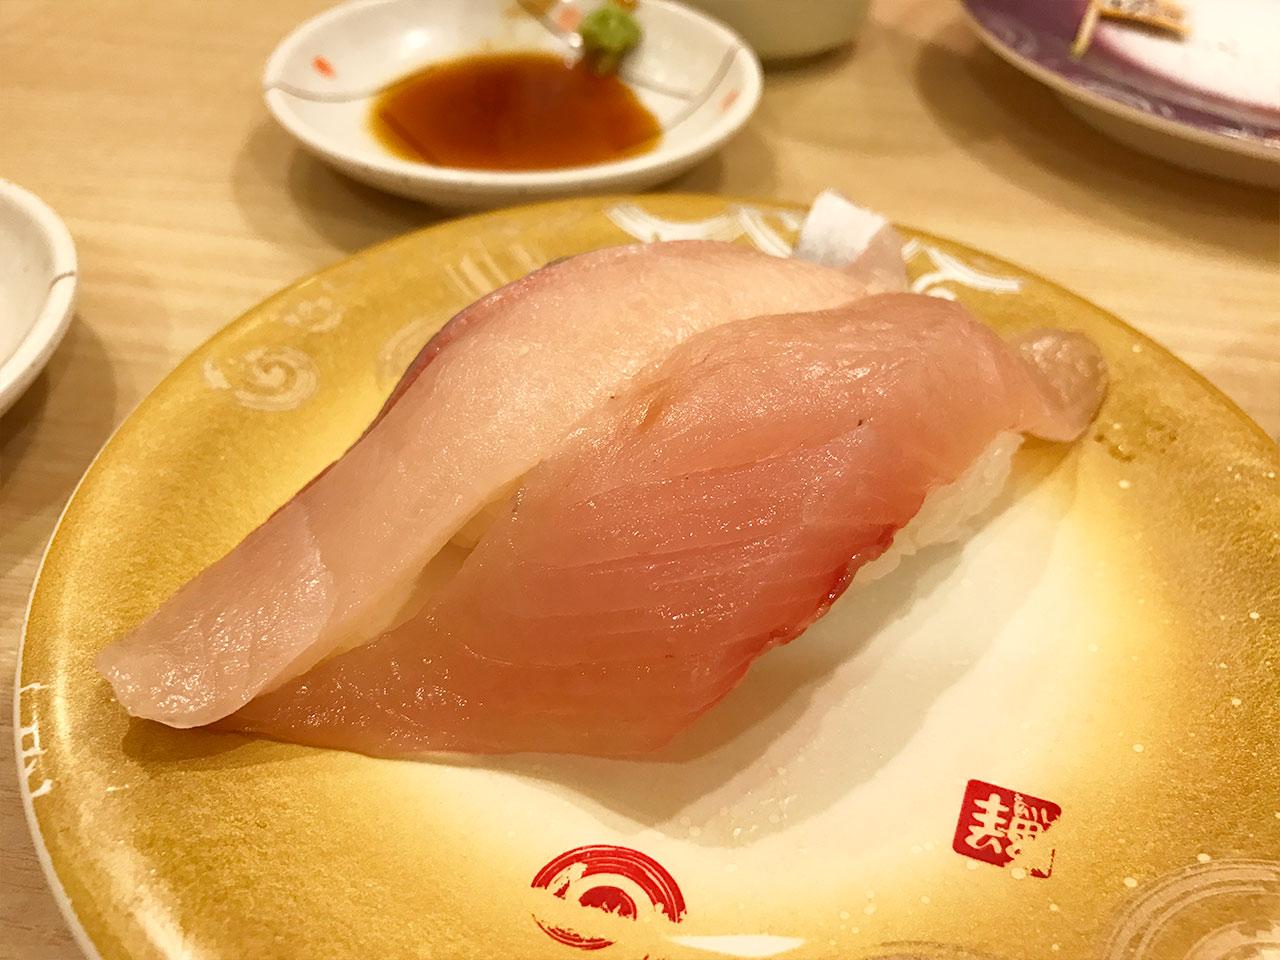 東京ソラマチ「トリトン」の寿司04